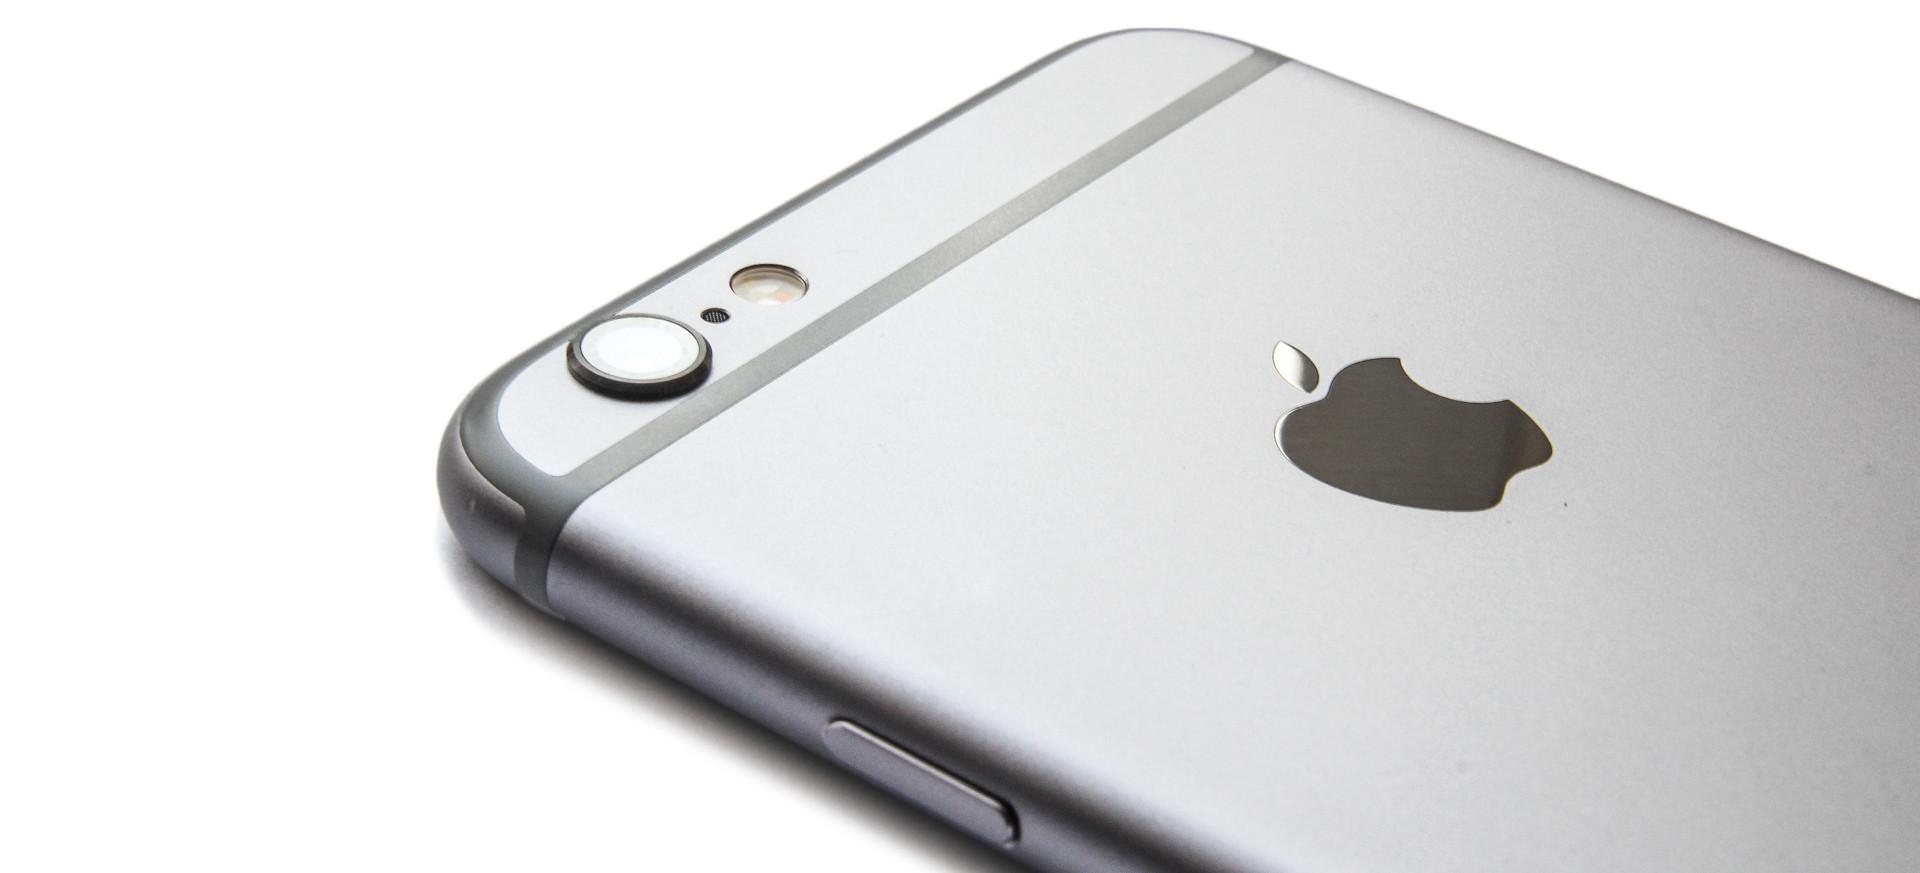 ZANIMLJIVO Apple Beats radi na bežićnim slušalicama 'AirPods'